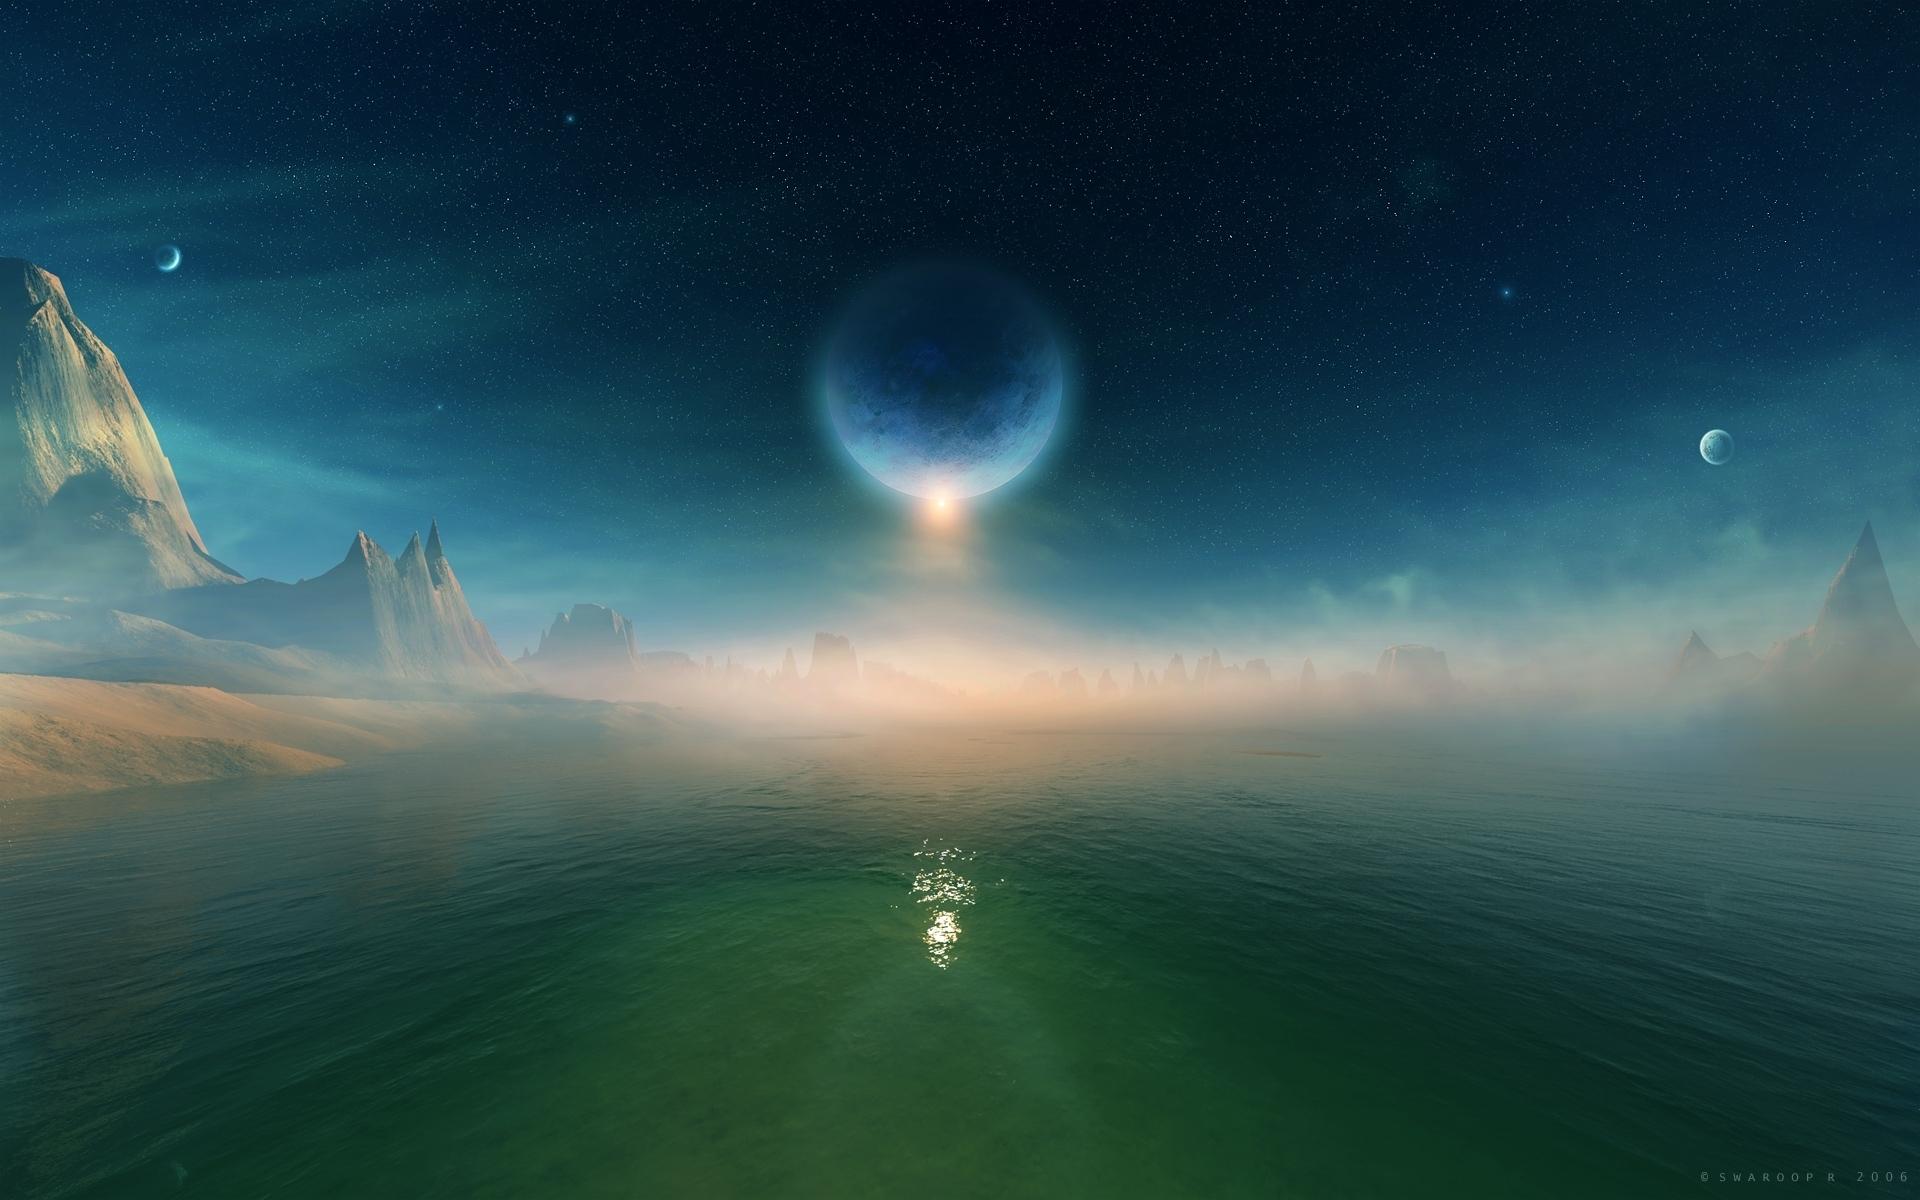 Мистический космос картинки